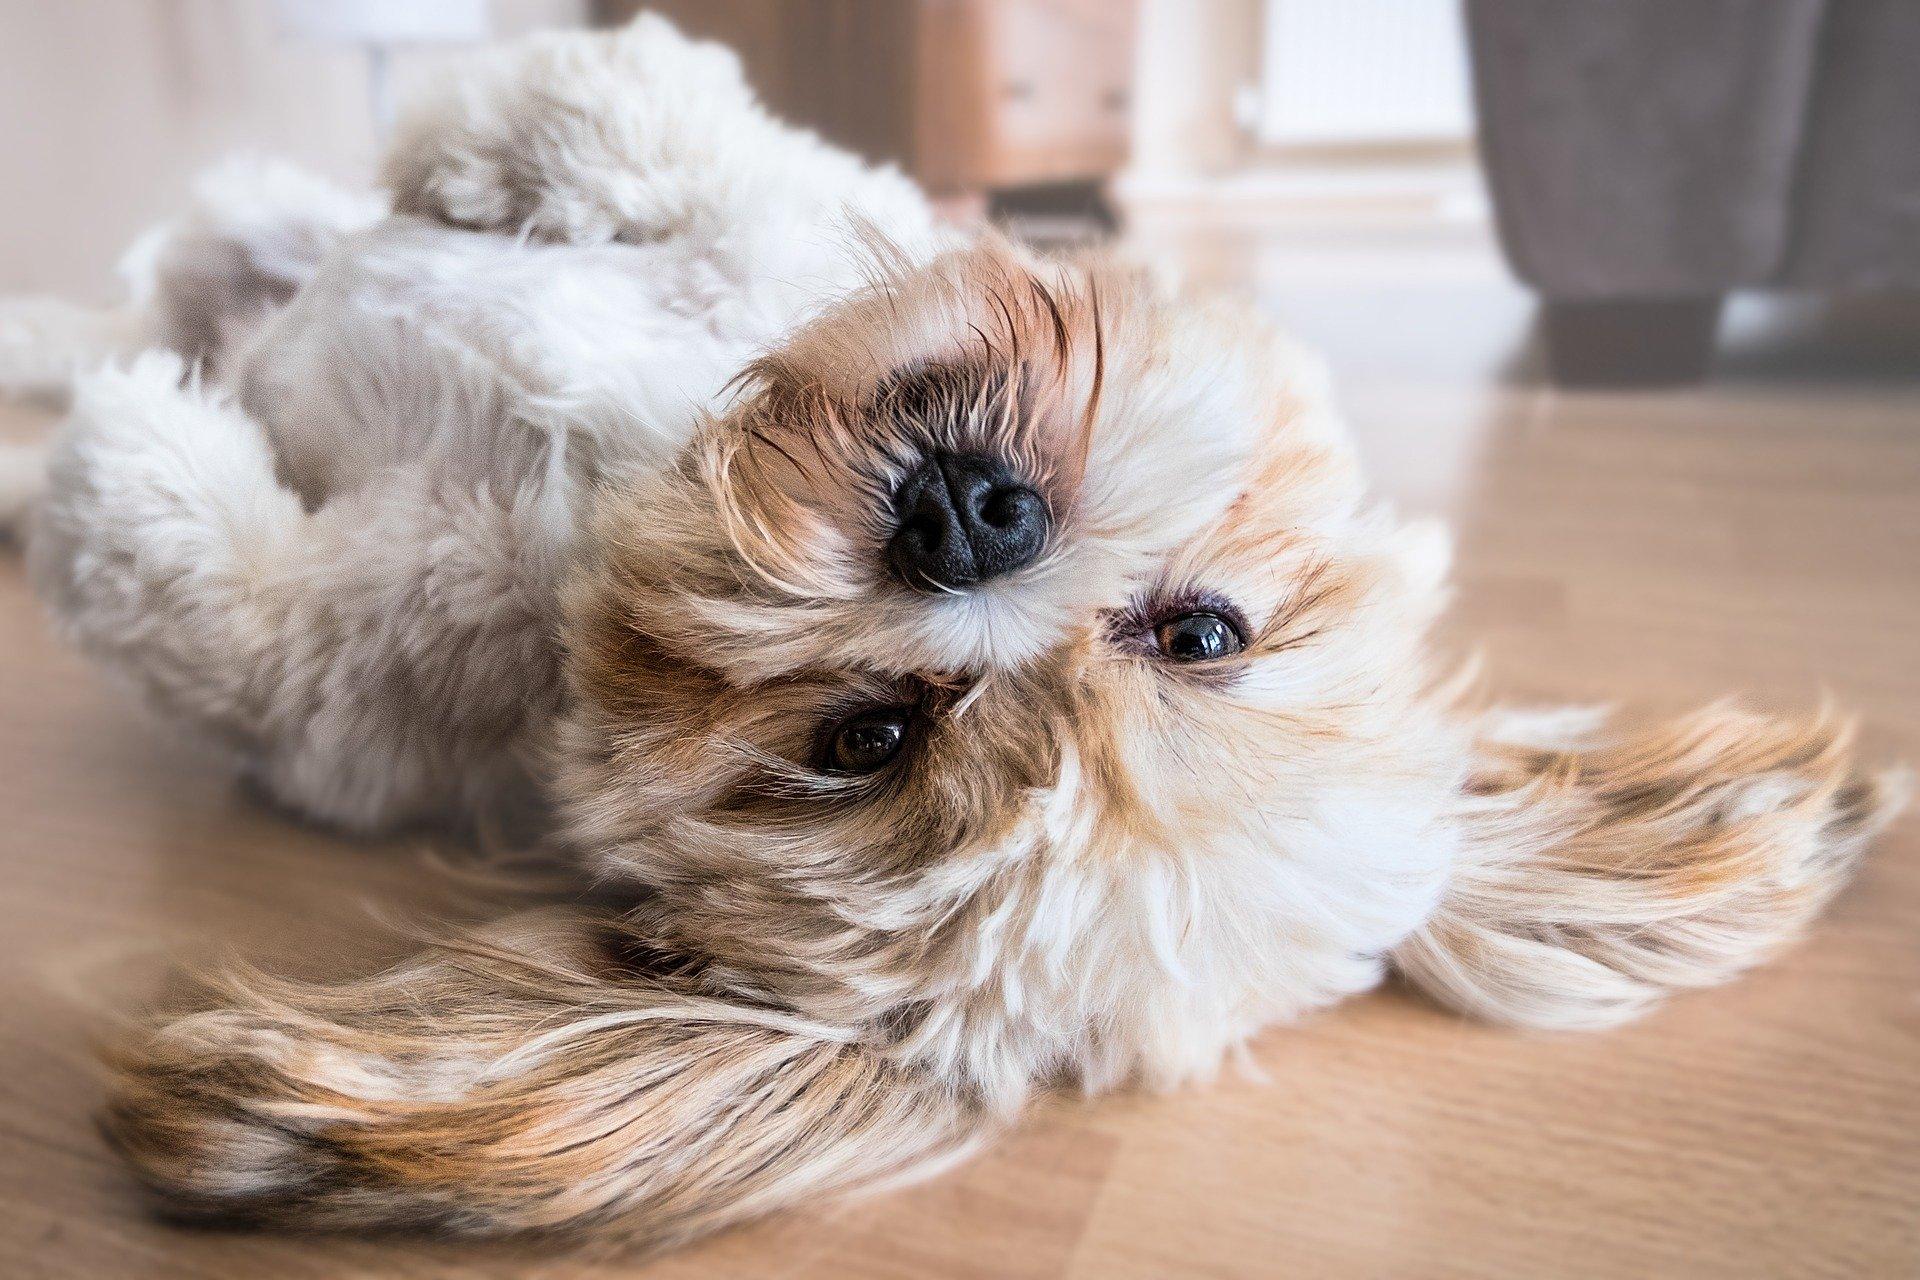 Séance comportementale canine - Fontaine du Page